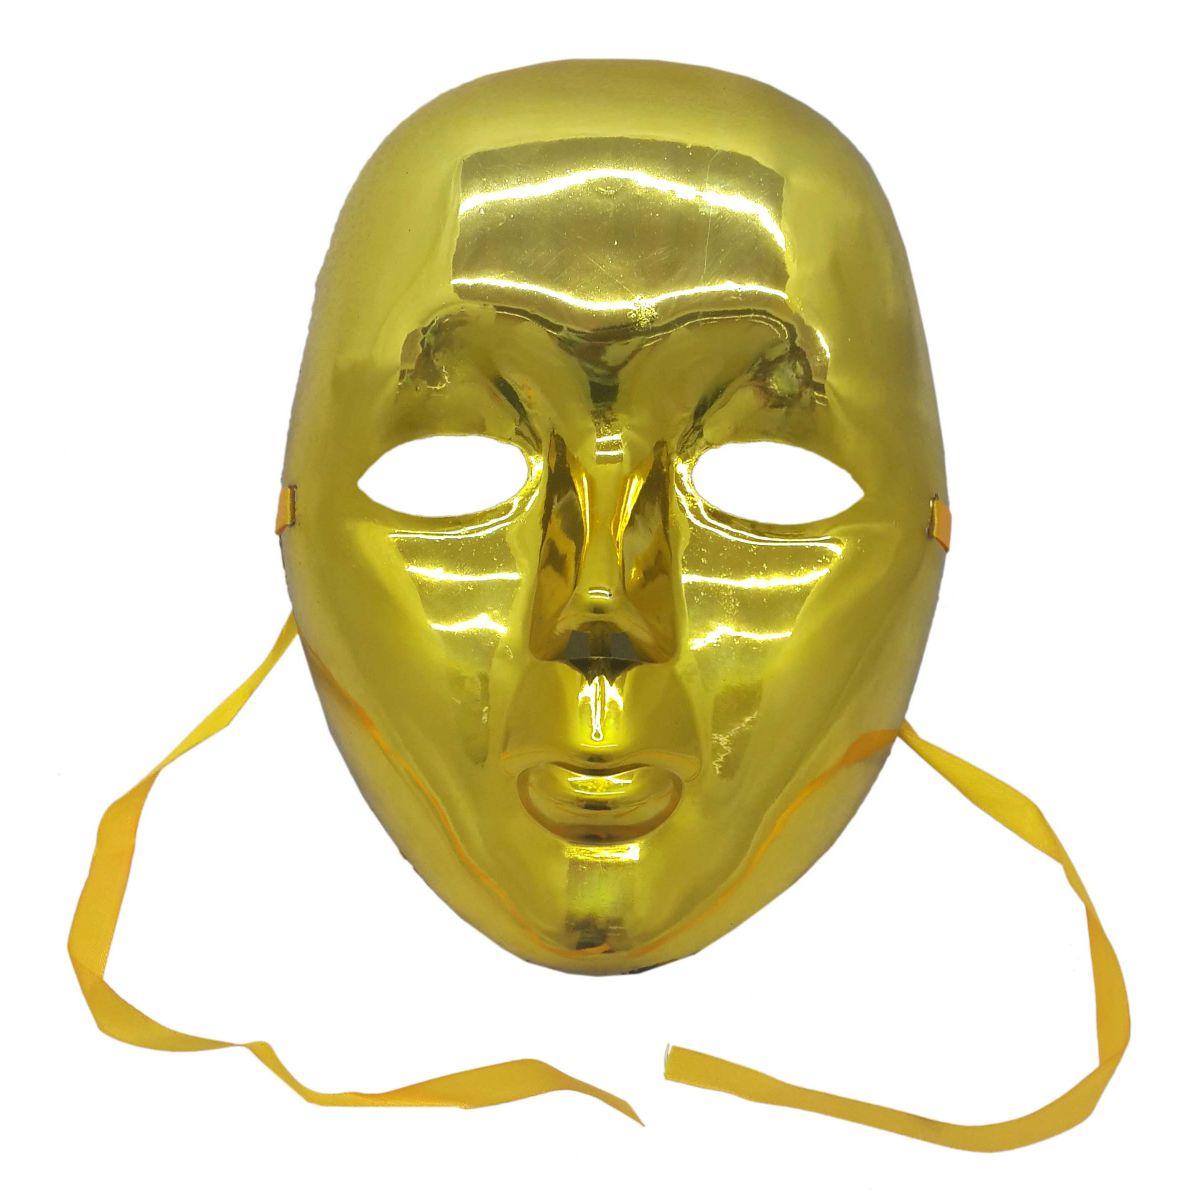 ... Conjunto 2 Mascaras Para Festa Baile Carnaval Halloween Fantasia  Metalizada Verde e Dourada (BL- e5a7477e8be